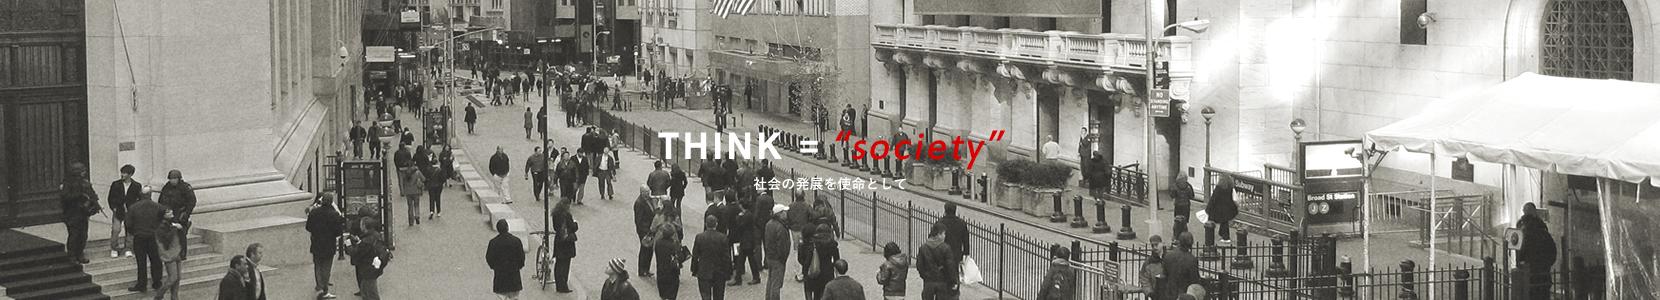 THINK = society 社会の発展を使命として|税理士法人 A.パートナーズ